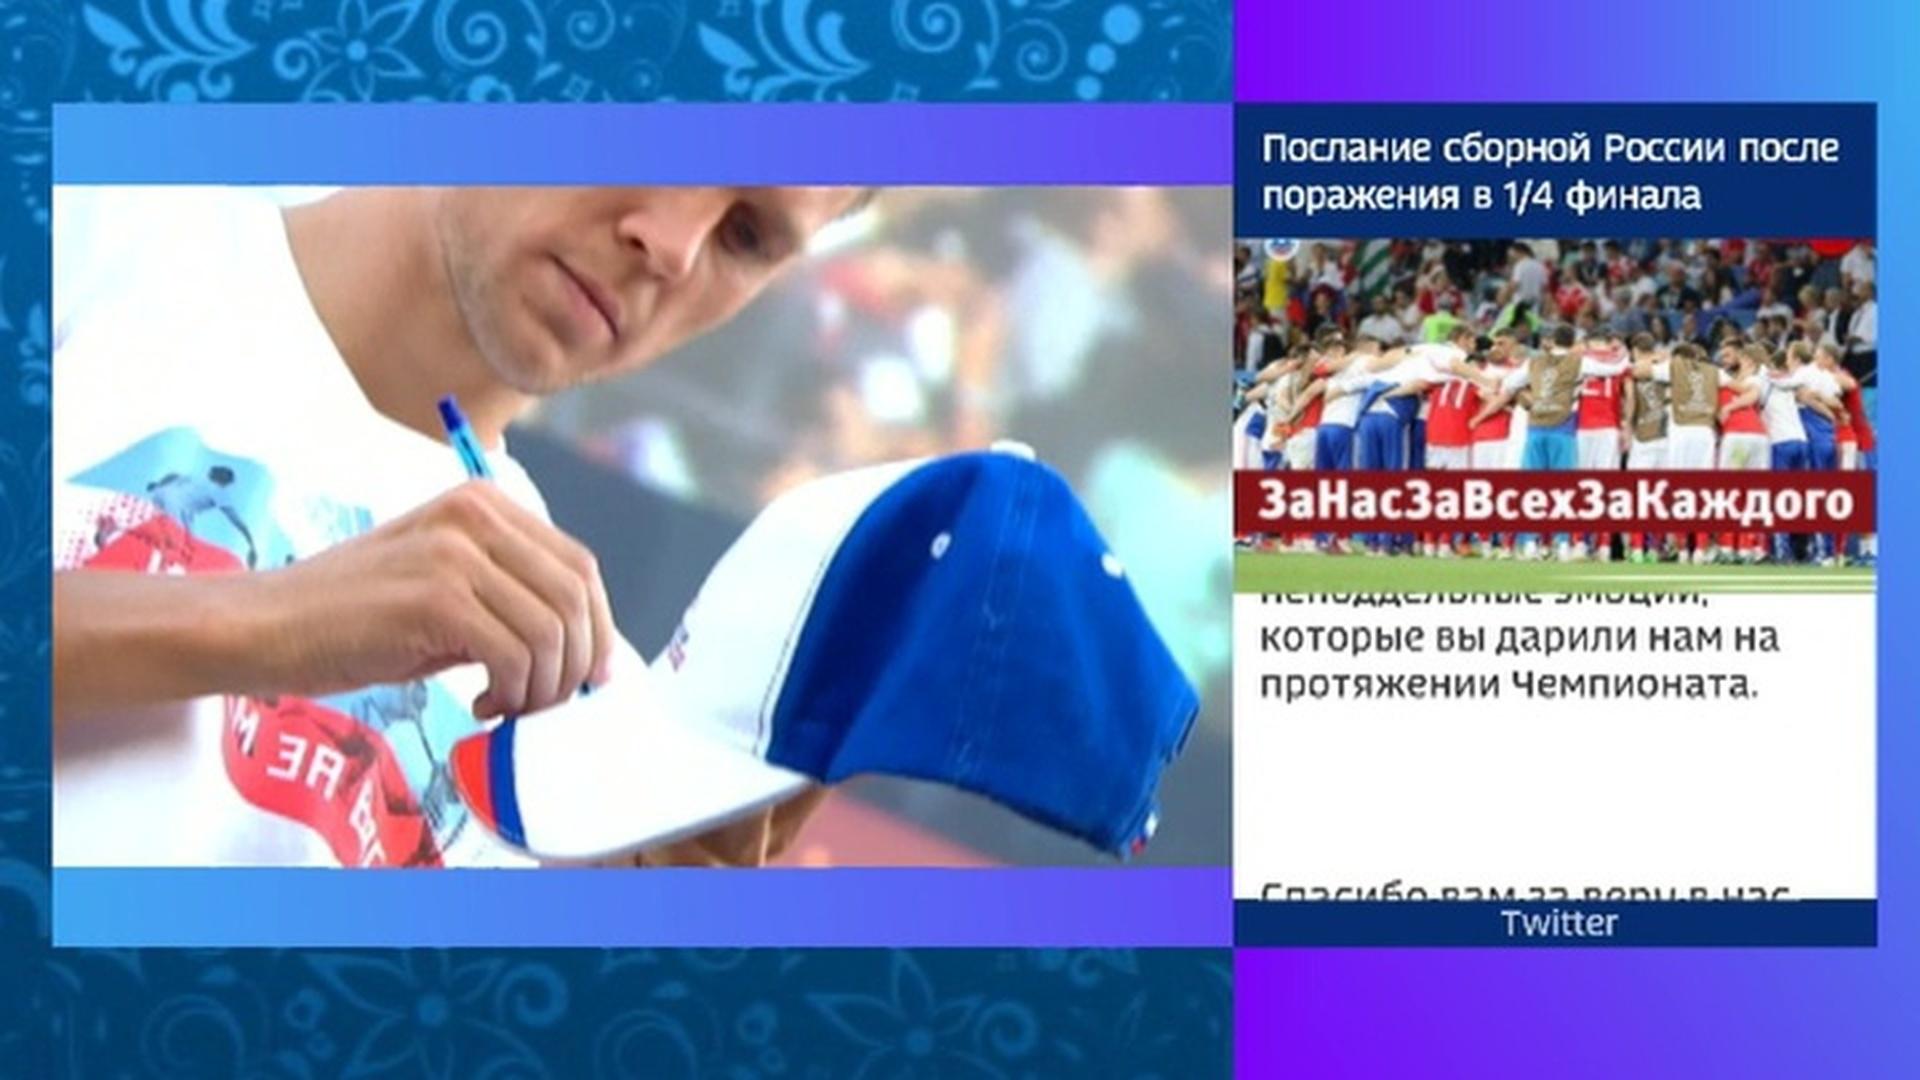 Играем за вас: российская сборная поблагодарила болельщиков за поддержку